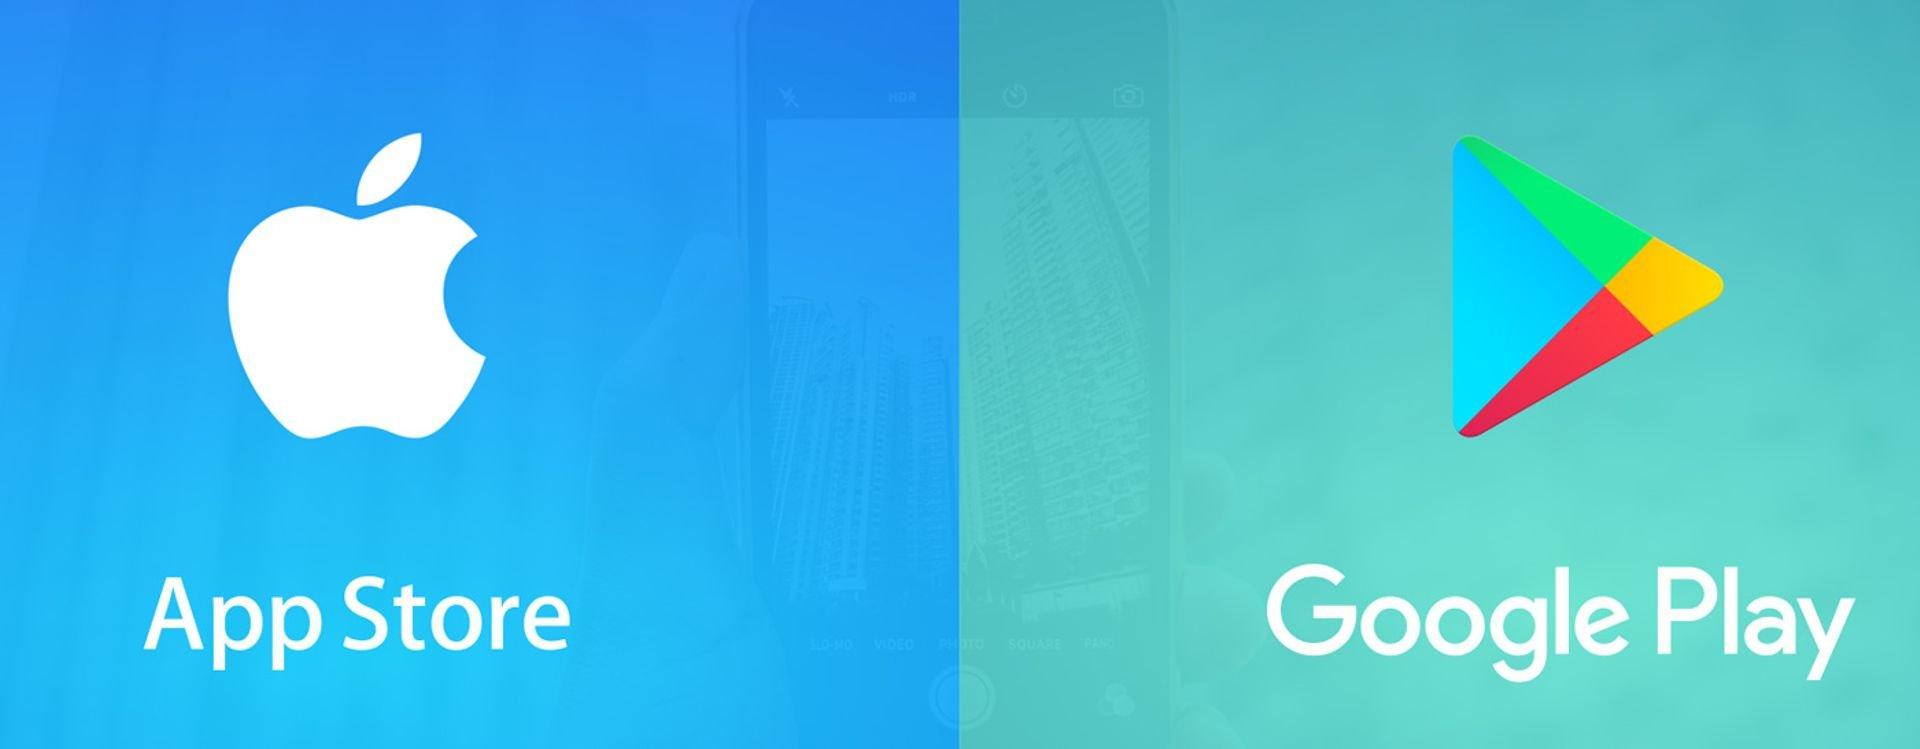 تحتوي متاجر التطبيقات على الإنترنت على أكثر من 1.6 مليون تطبيق.